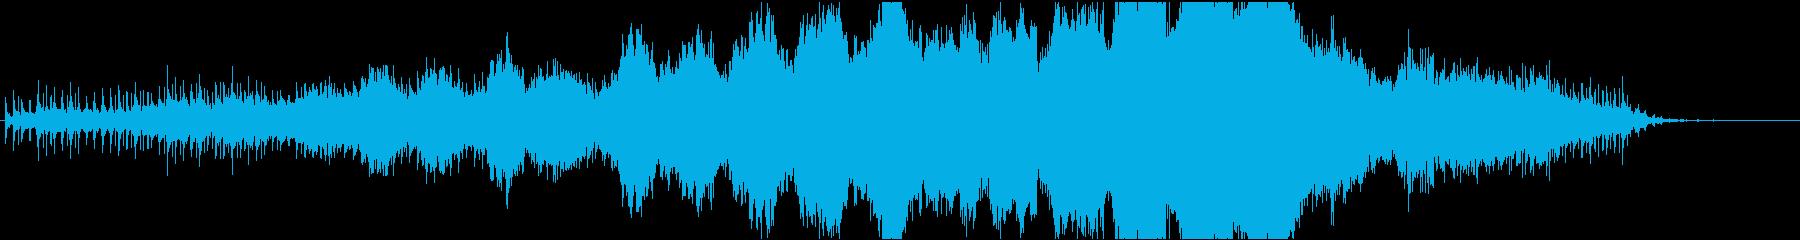 ハロウィン_古時計のミステリー風の再生済みの波形